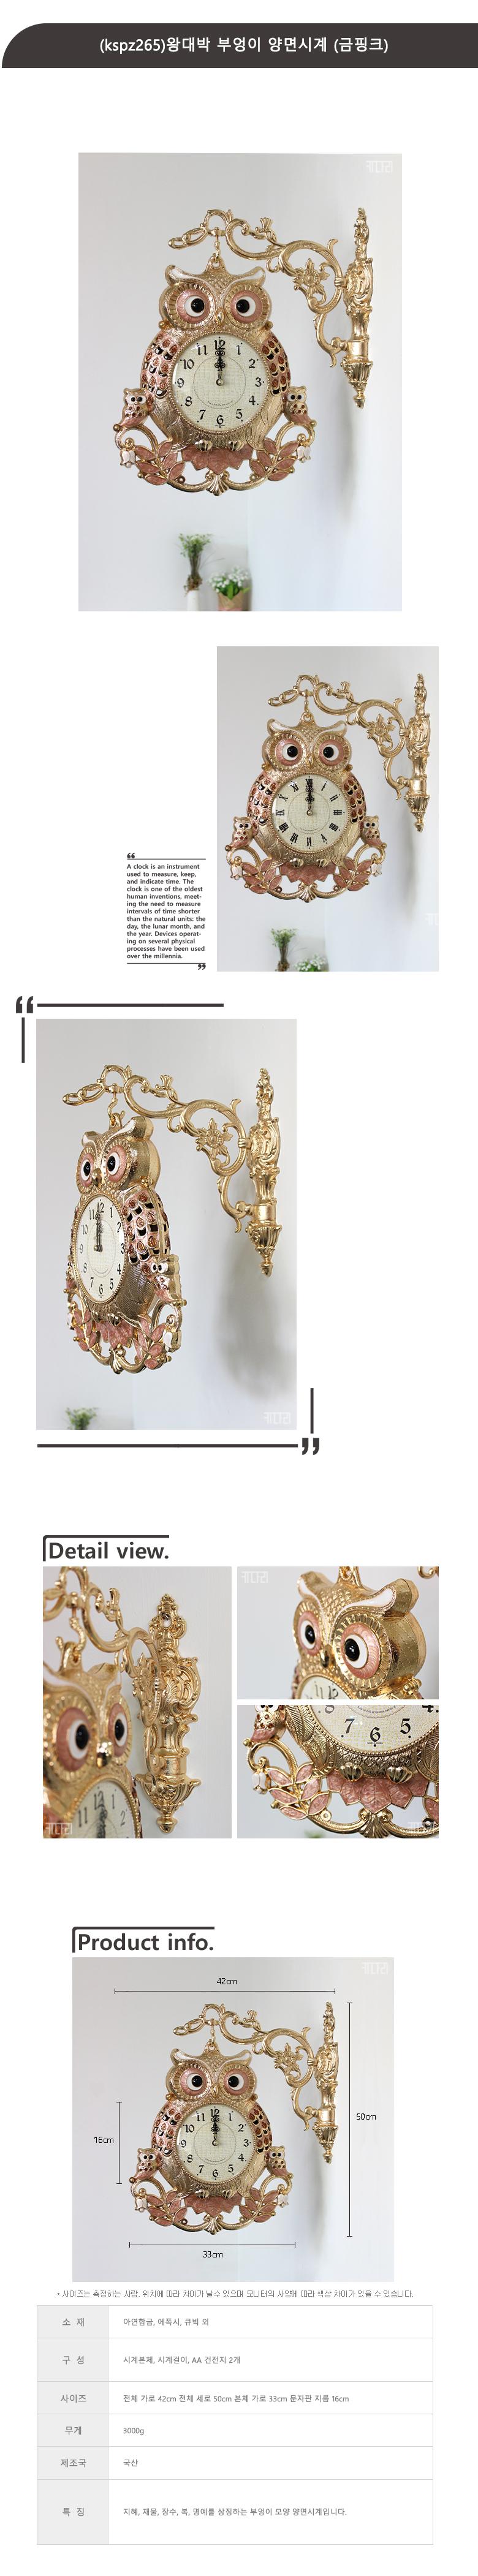 (kspz265)왕대박 부엉이 양면시계 (금핑크) - 키다리, 179,000원, 양면시계, 앤틱